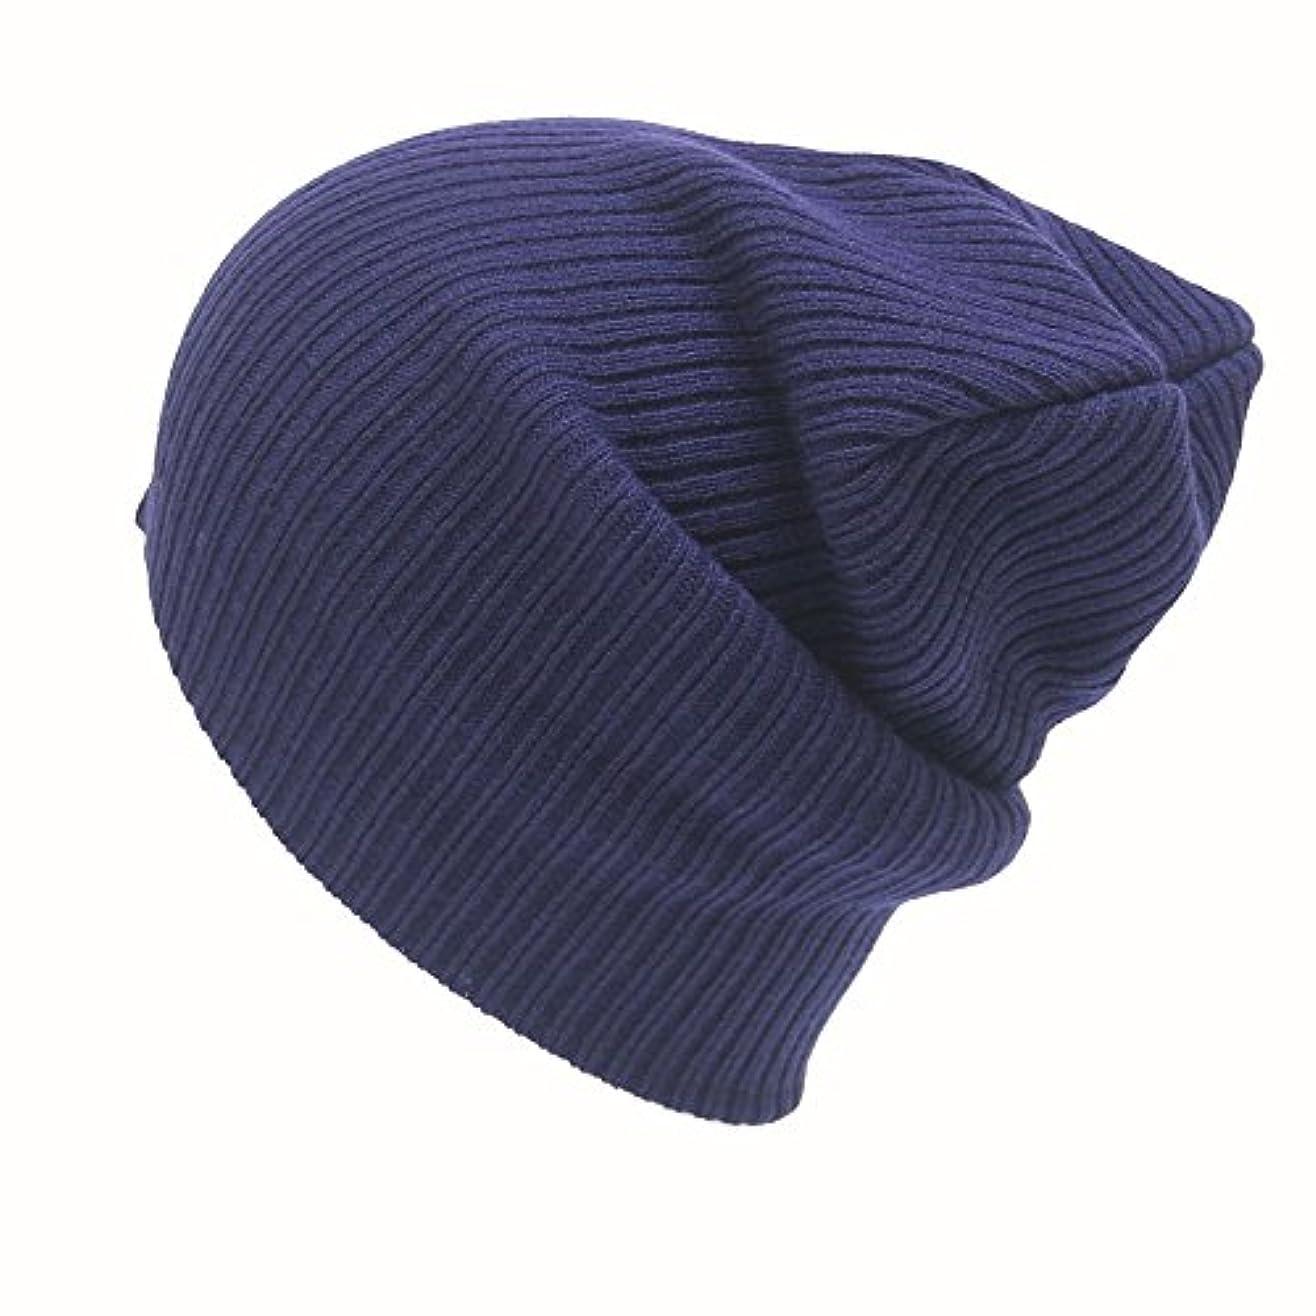 そこ占める学者Racazing 選べる7色 ニット帽 編み物 ストライプ ニット帽 防寒対策 通気性のある 防風 暖かい 軽量 屋外 スキー 自転車 クリスマス Hat 男女兼用 (ネービー)